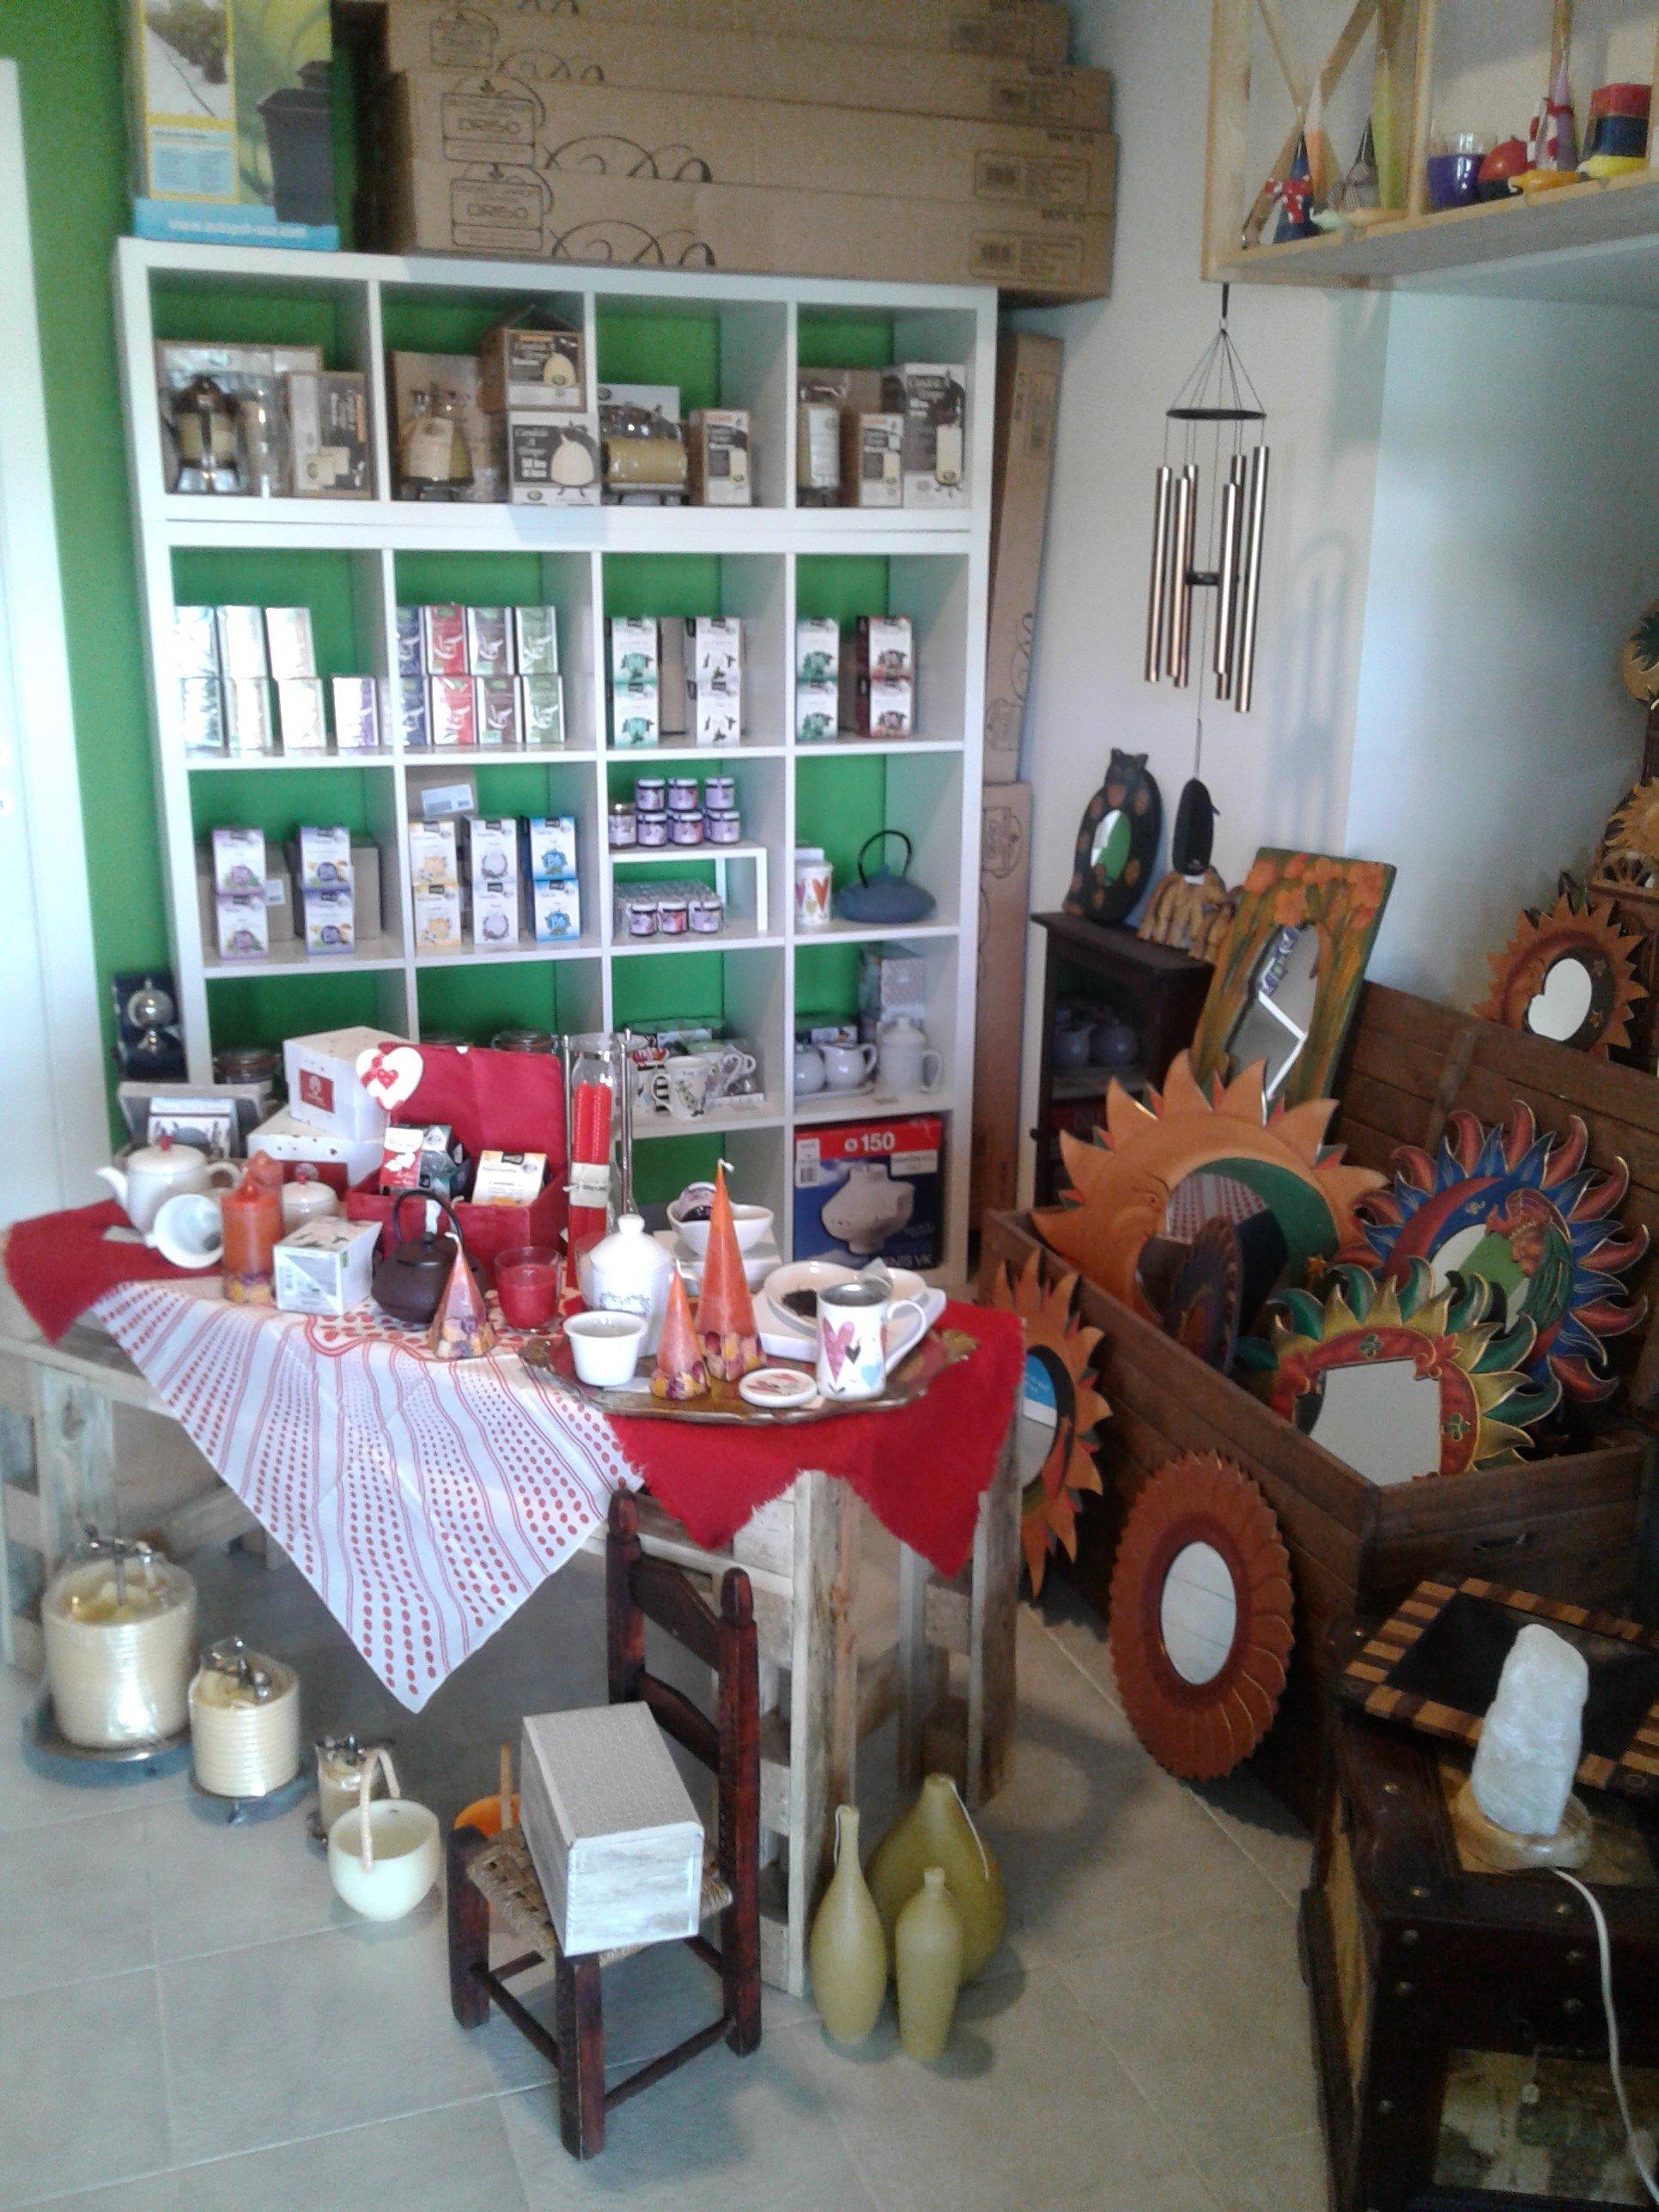 uno scaffale, un tavolo e un carriola di legno con dentro degli oggetti